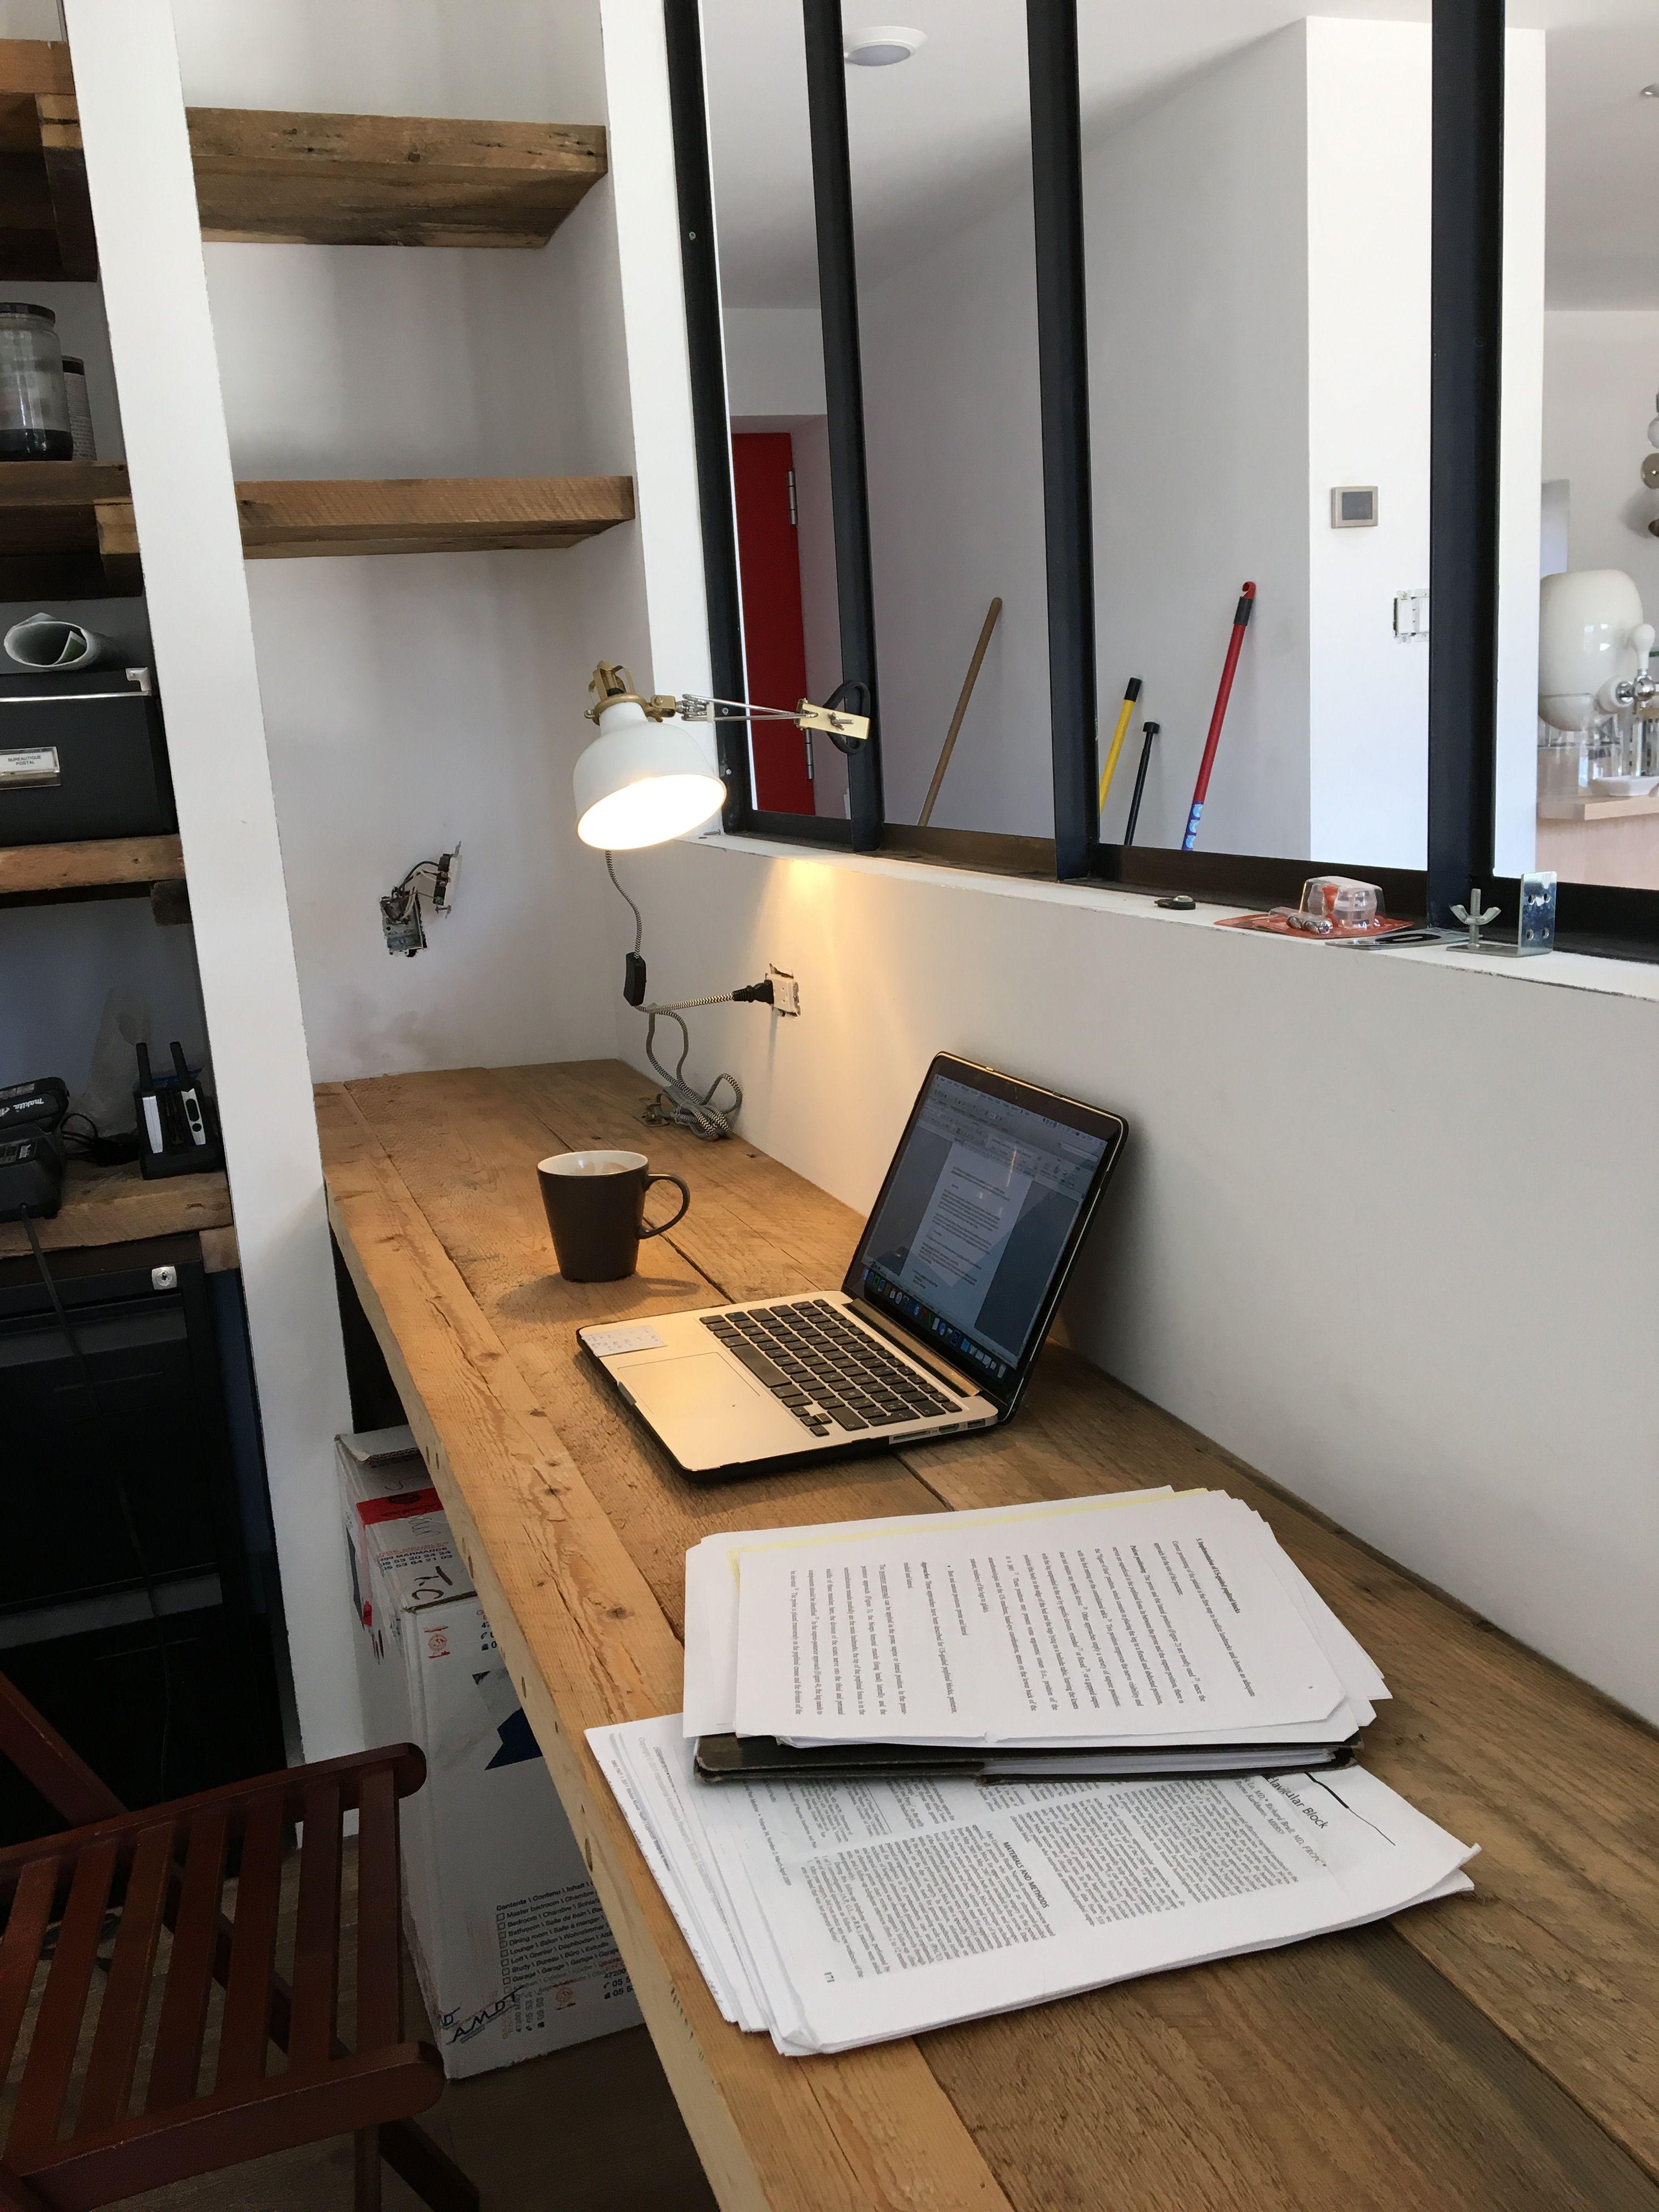 Un bureau cosy pour travailler tout en étant un peu avec l'animation de la maison a travers la verrière. ** maison passive Ozalée **